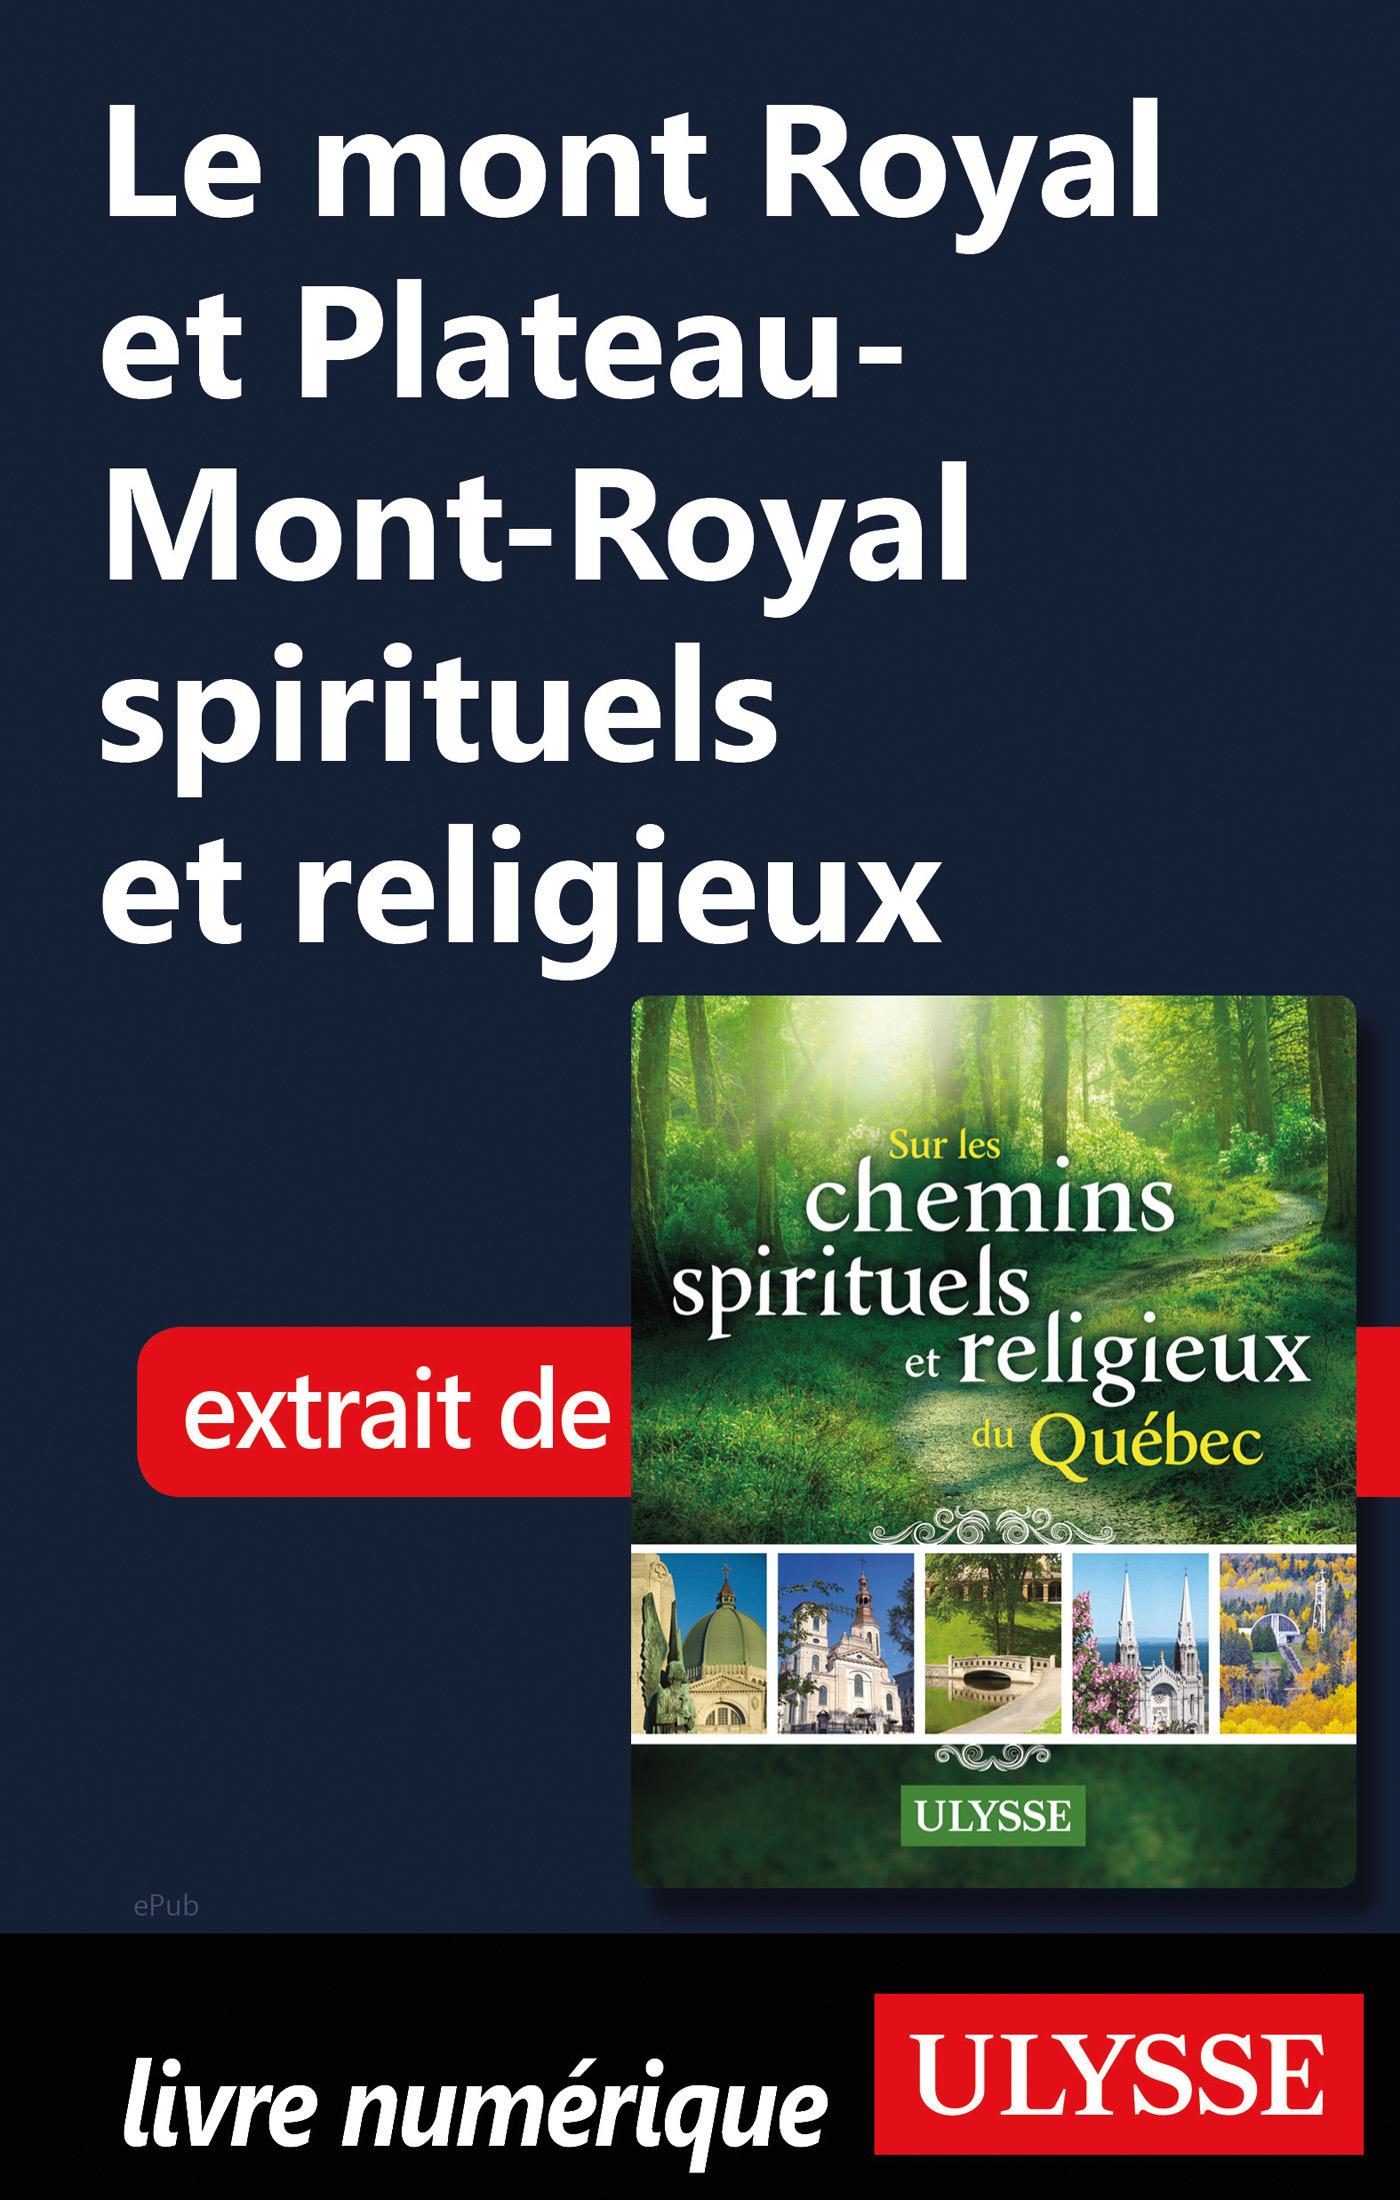 Le mont Royal et Plateau-Mont-Royal spirituels et religieux (ebook)